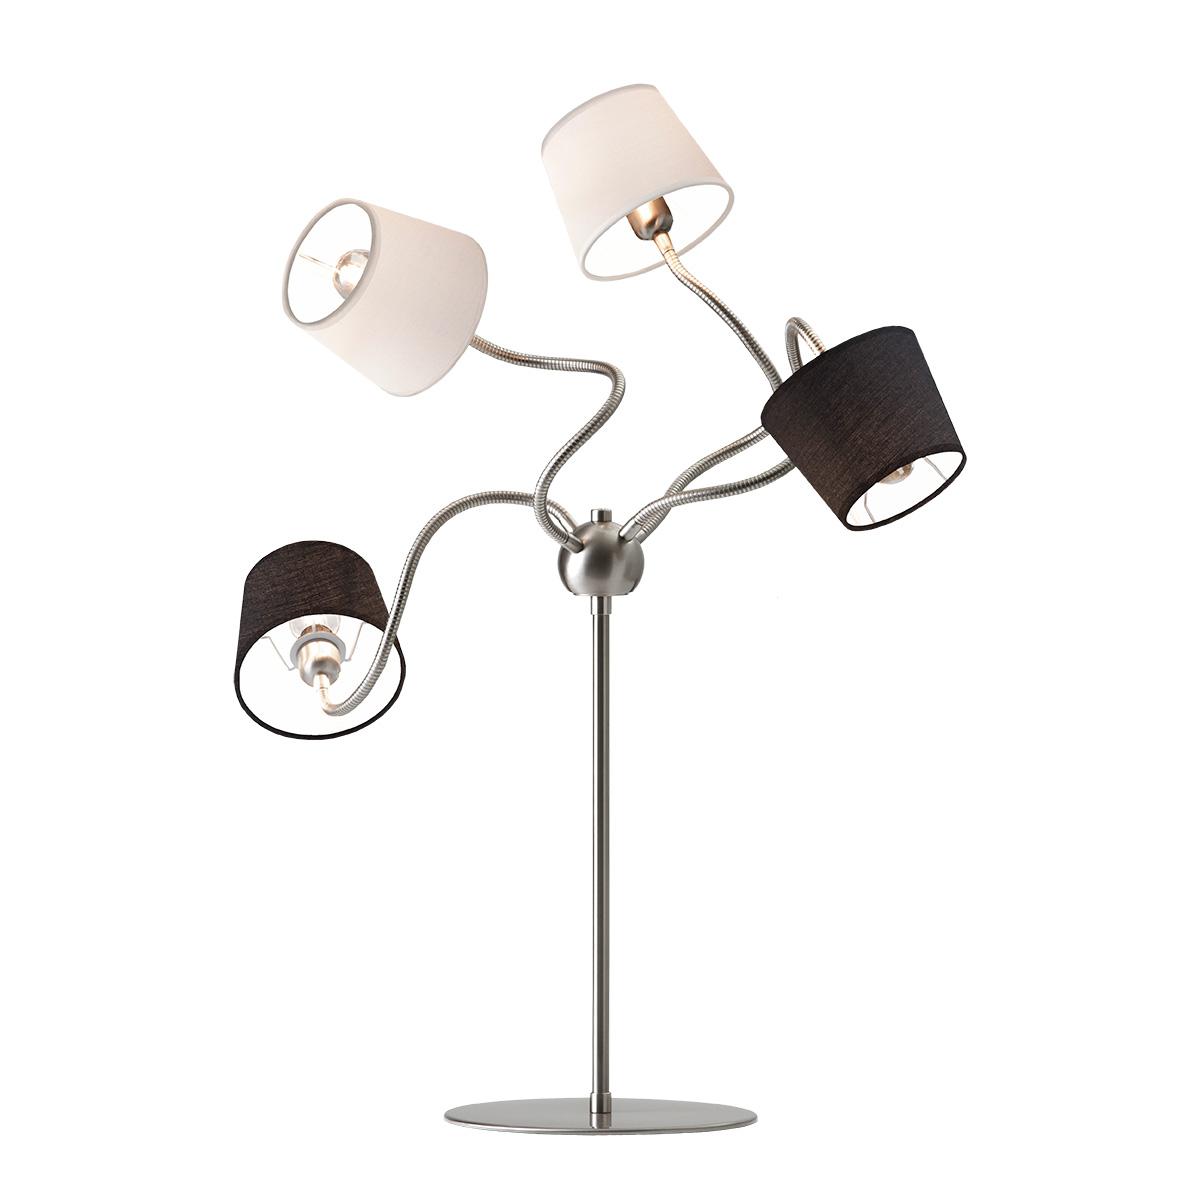 Μοντέρνα λάμπα αφής με καπέλα FLEX modern touch lamp with shades